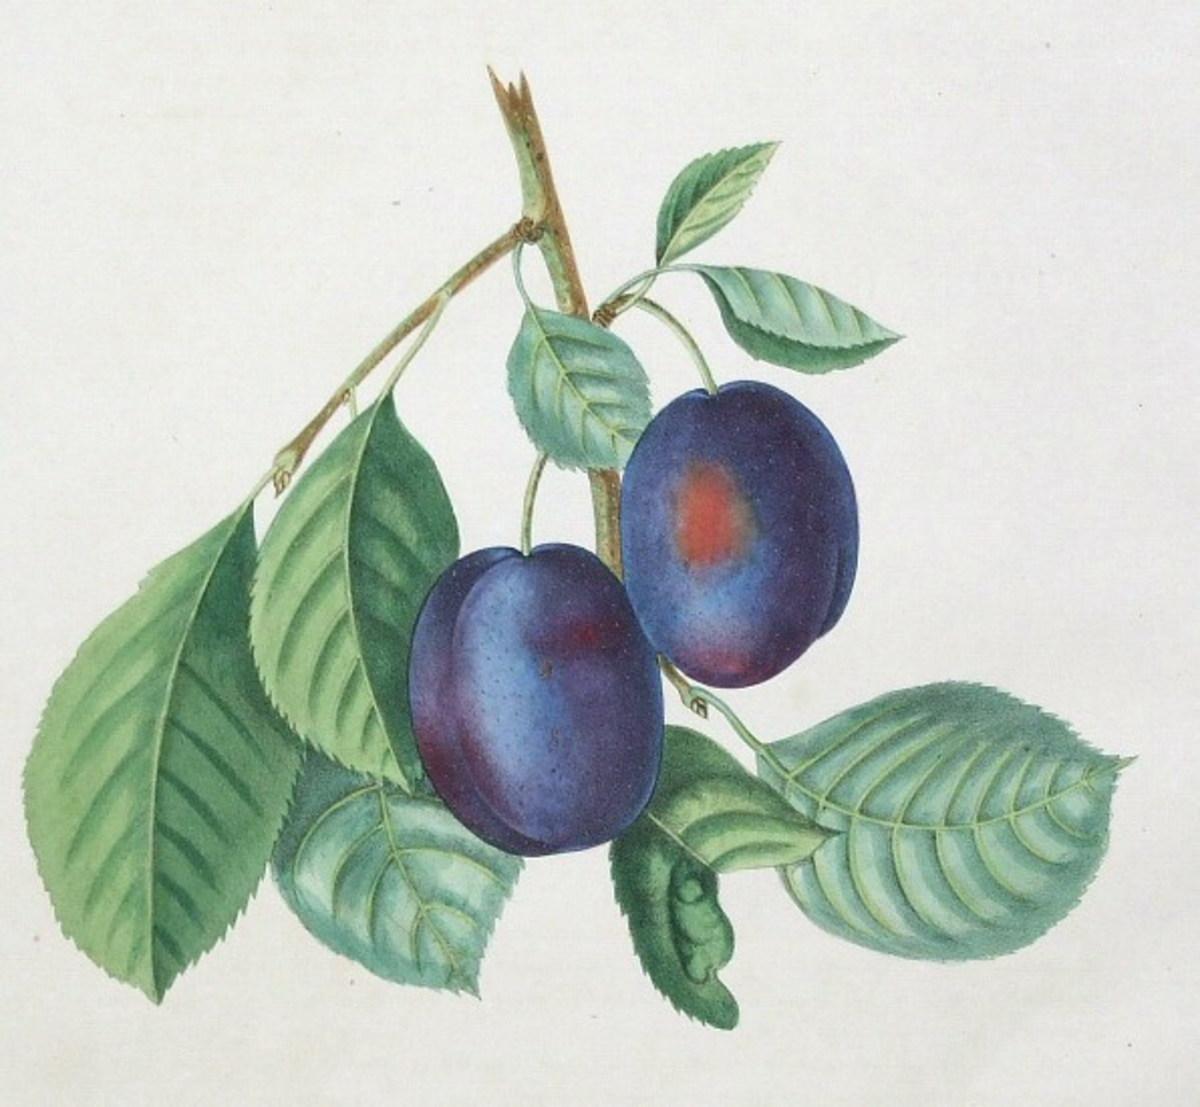 Vintage fruit clip art: figs